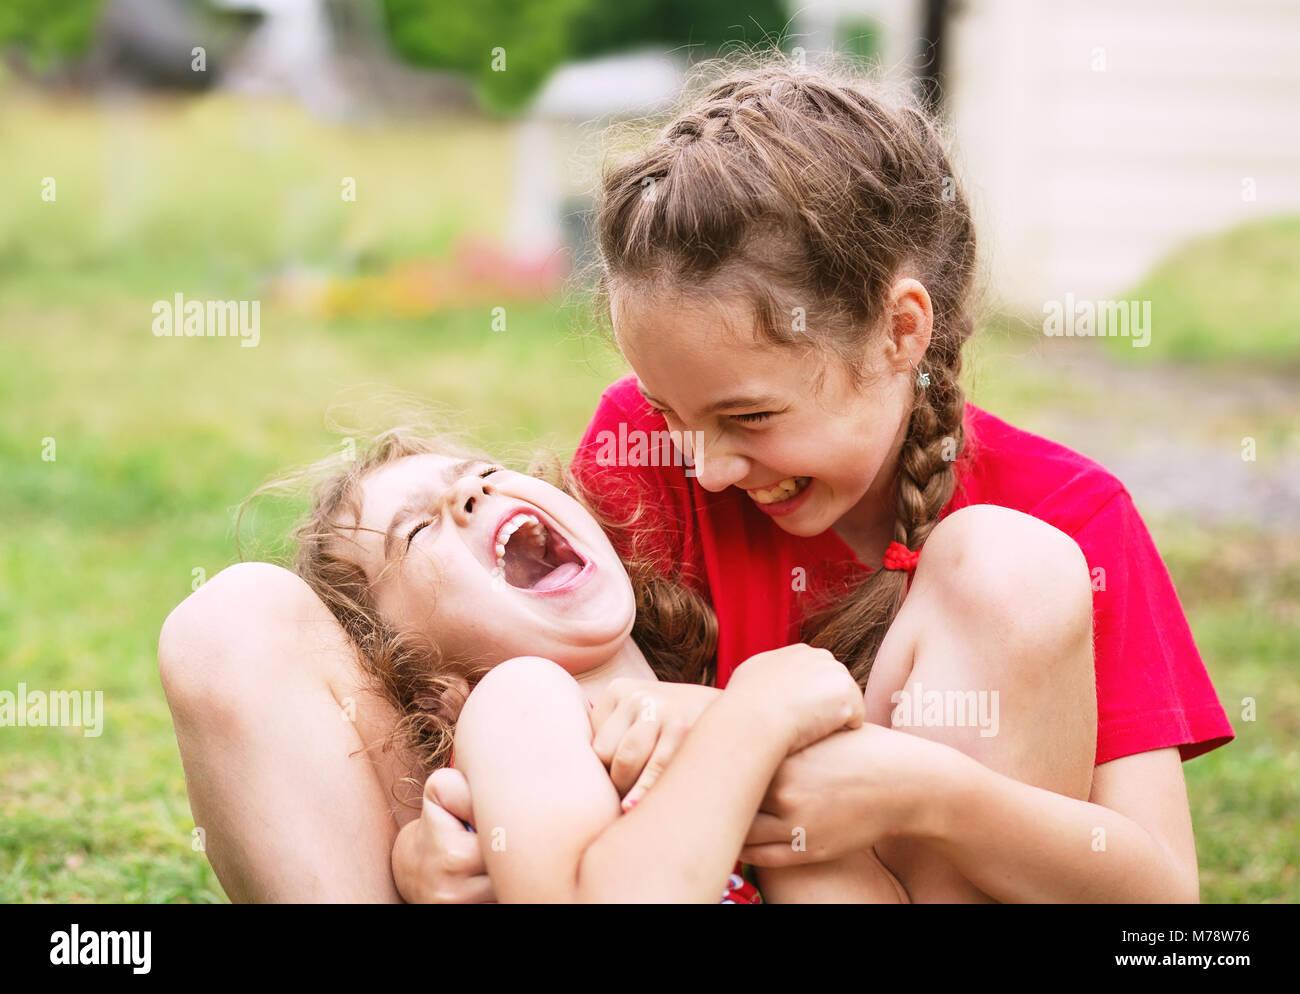 Felice di due bambine abbracciando e ridere del parco Immagini Stock